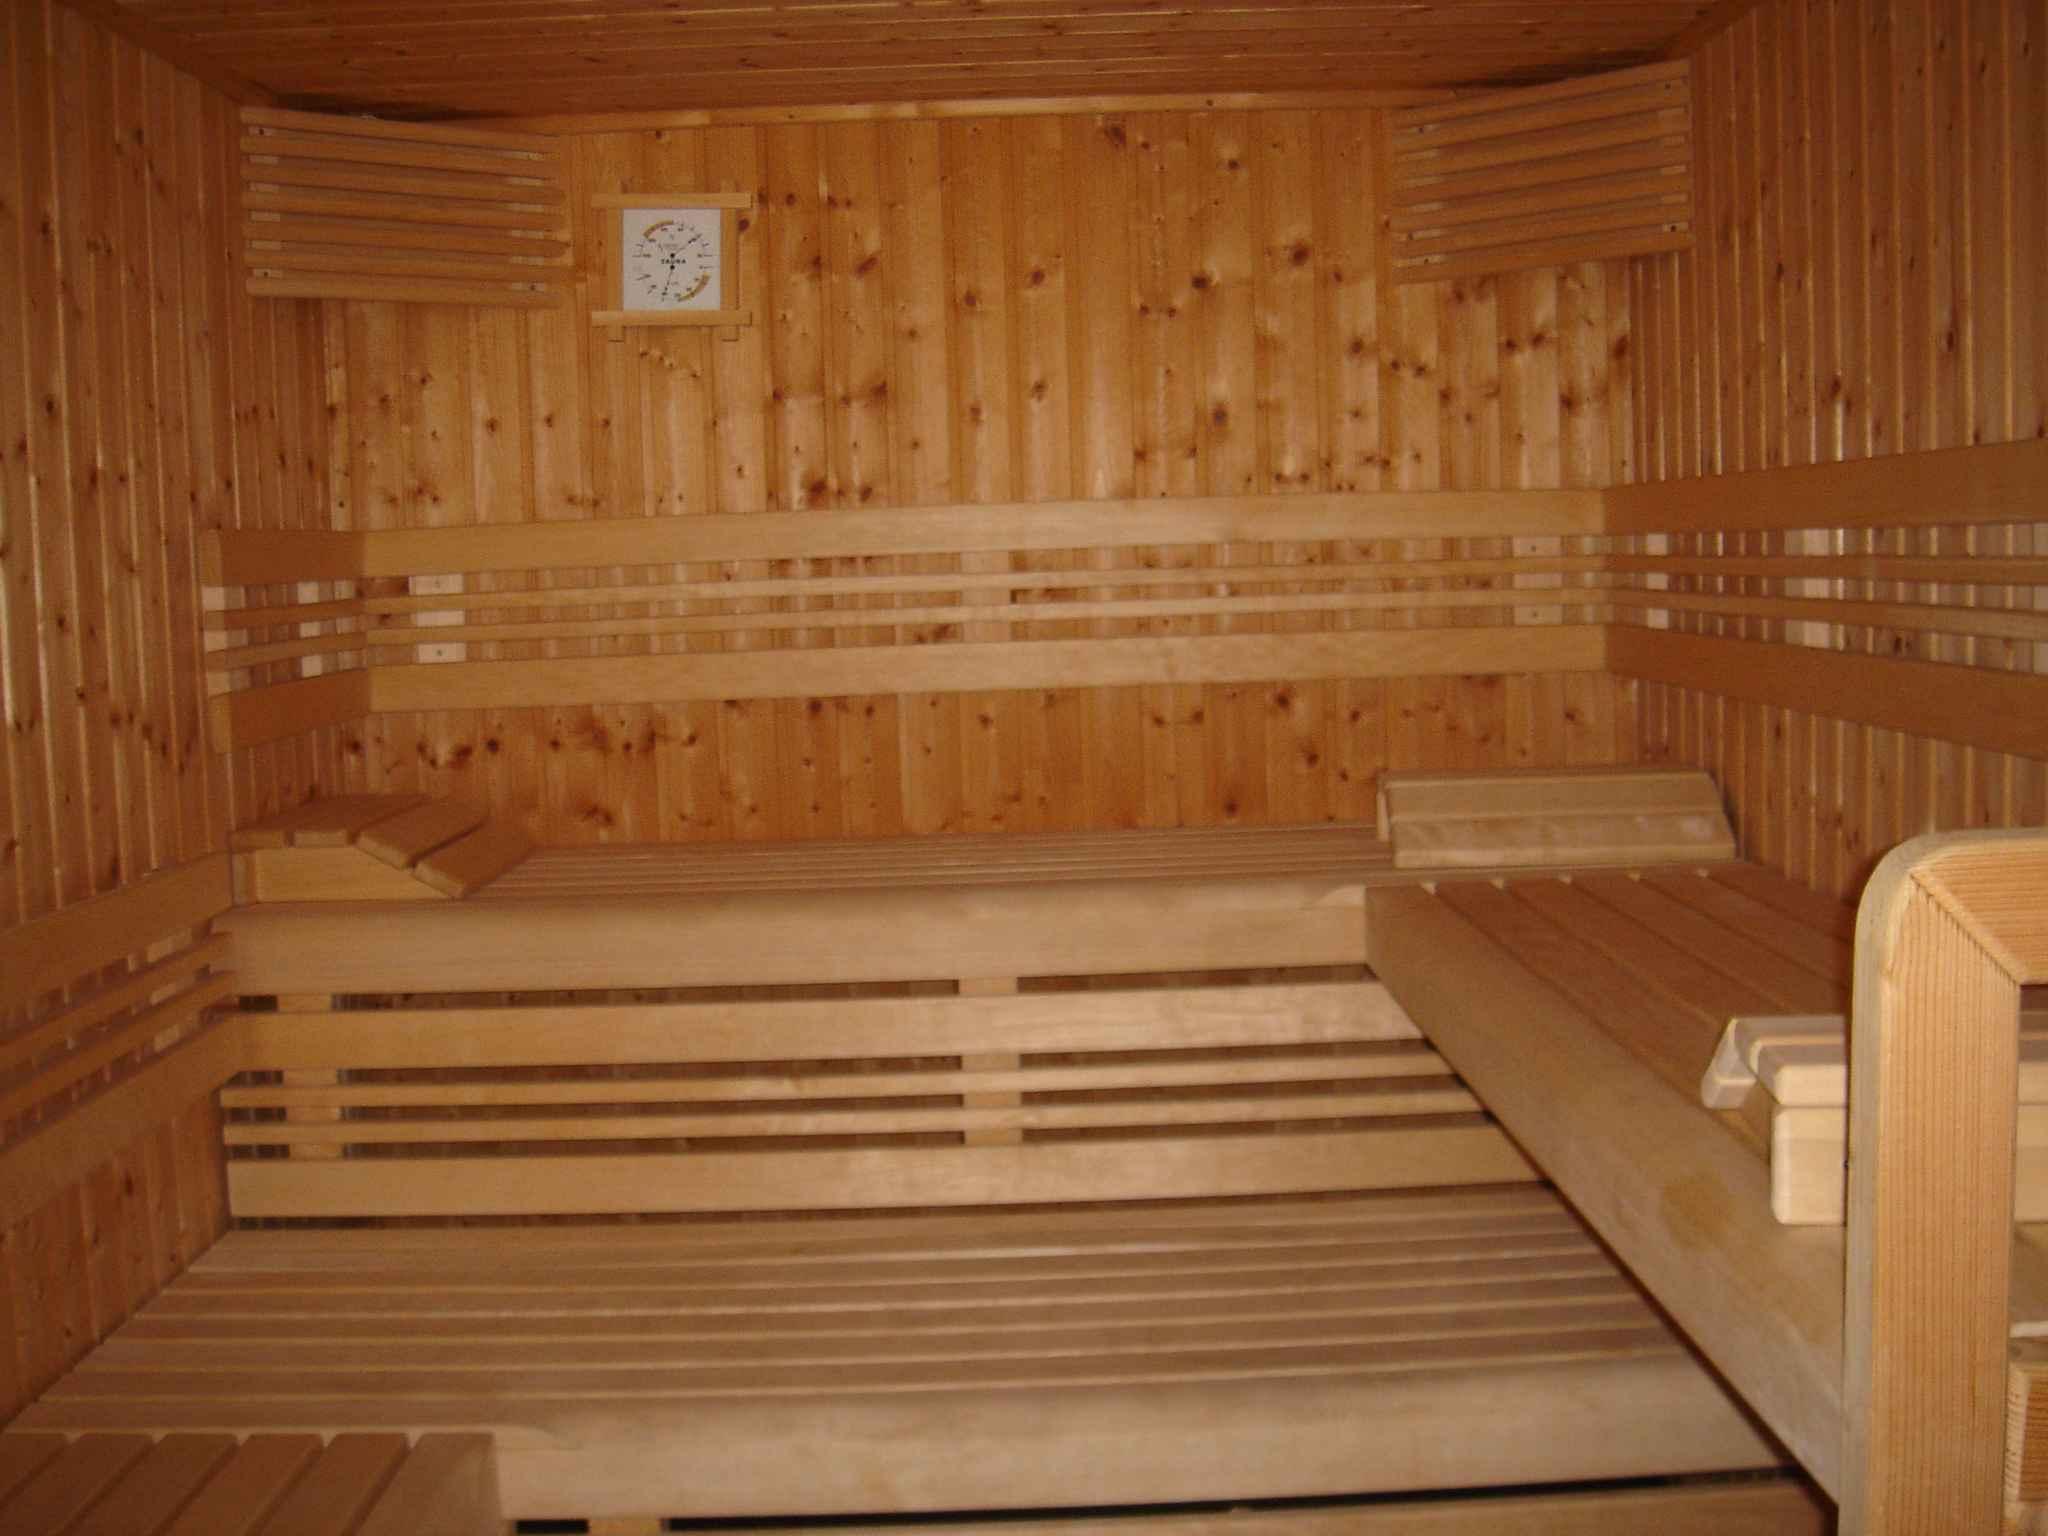 Ferienwohnung in Residence Bellavista (586751), Pego, Costa Blanca, Valencia, Spanien, Bild 15